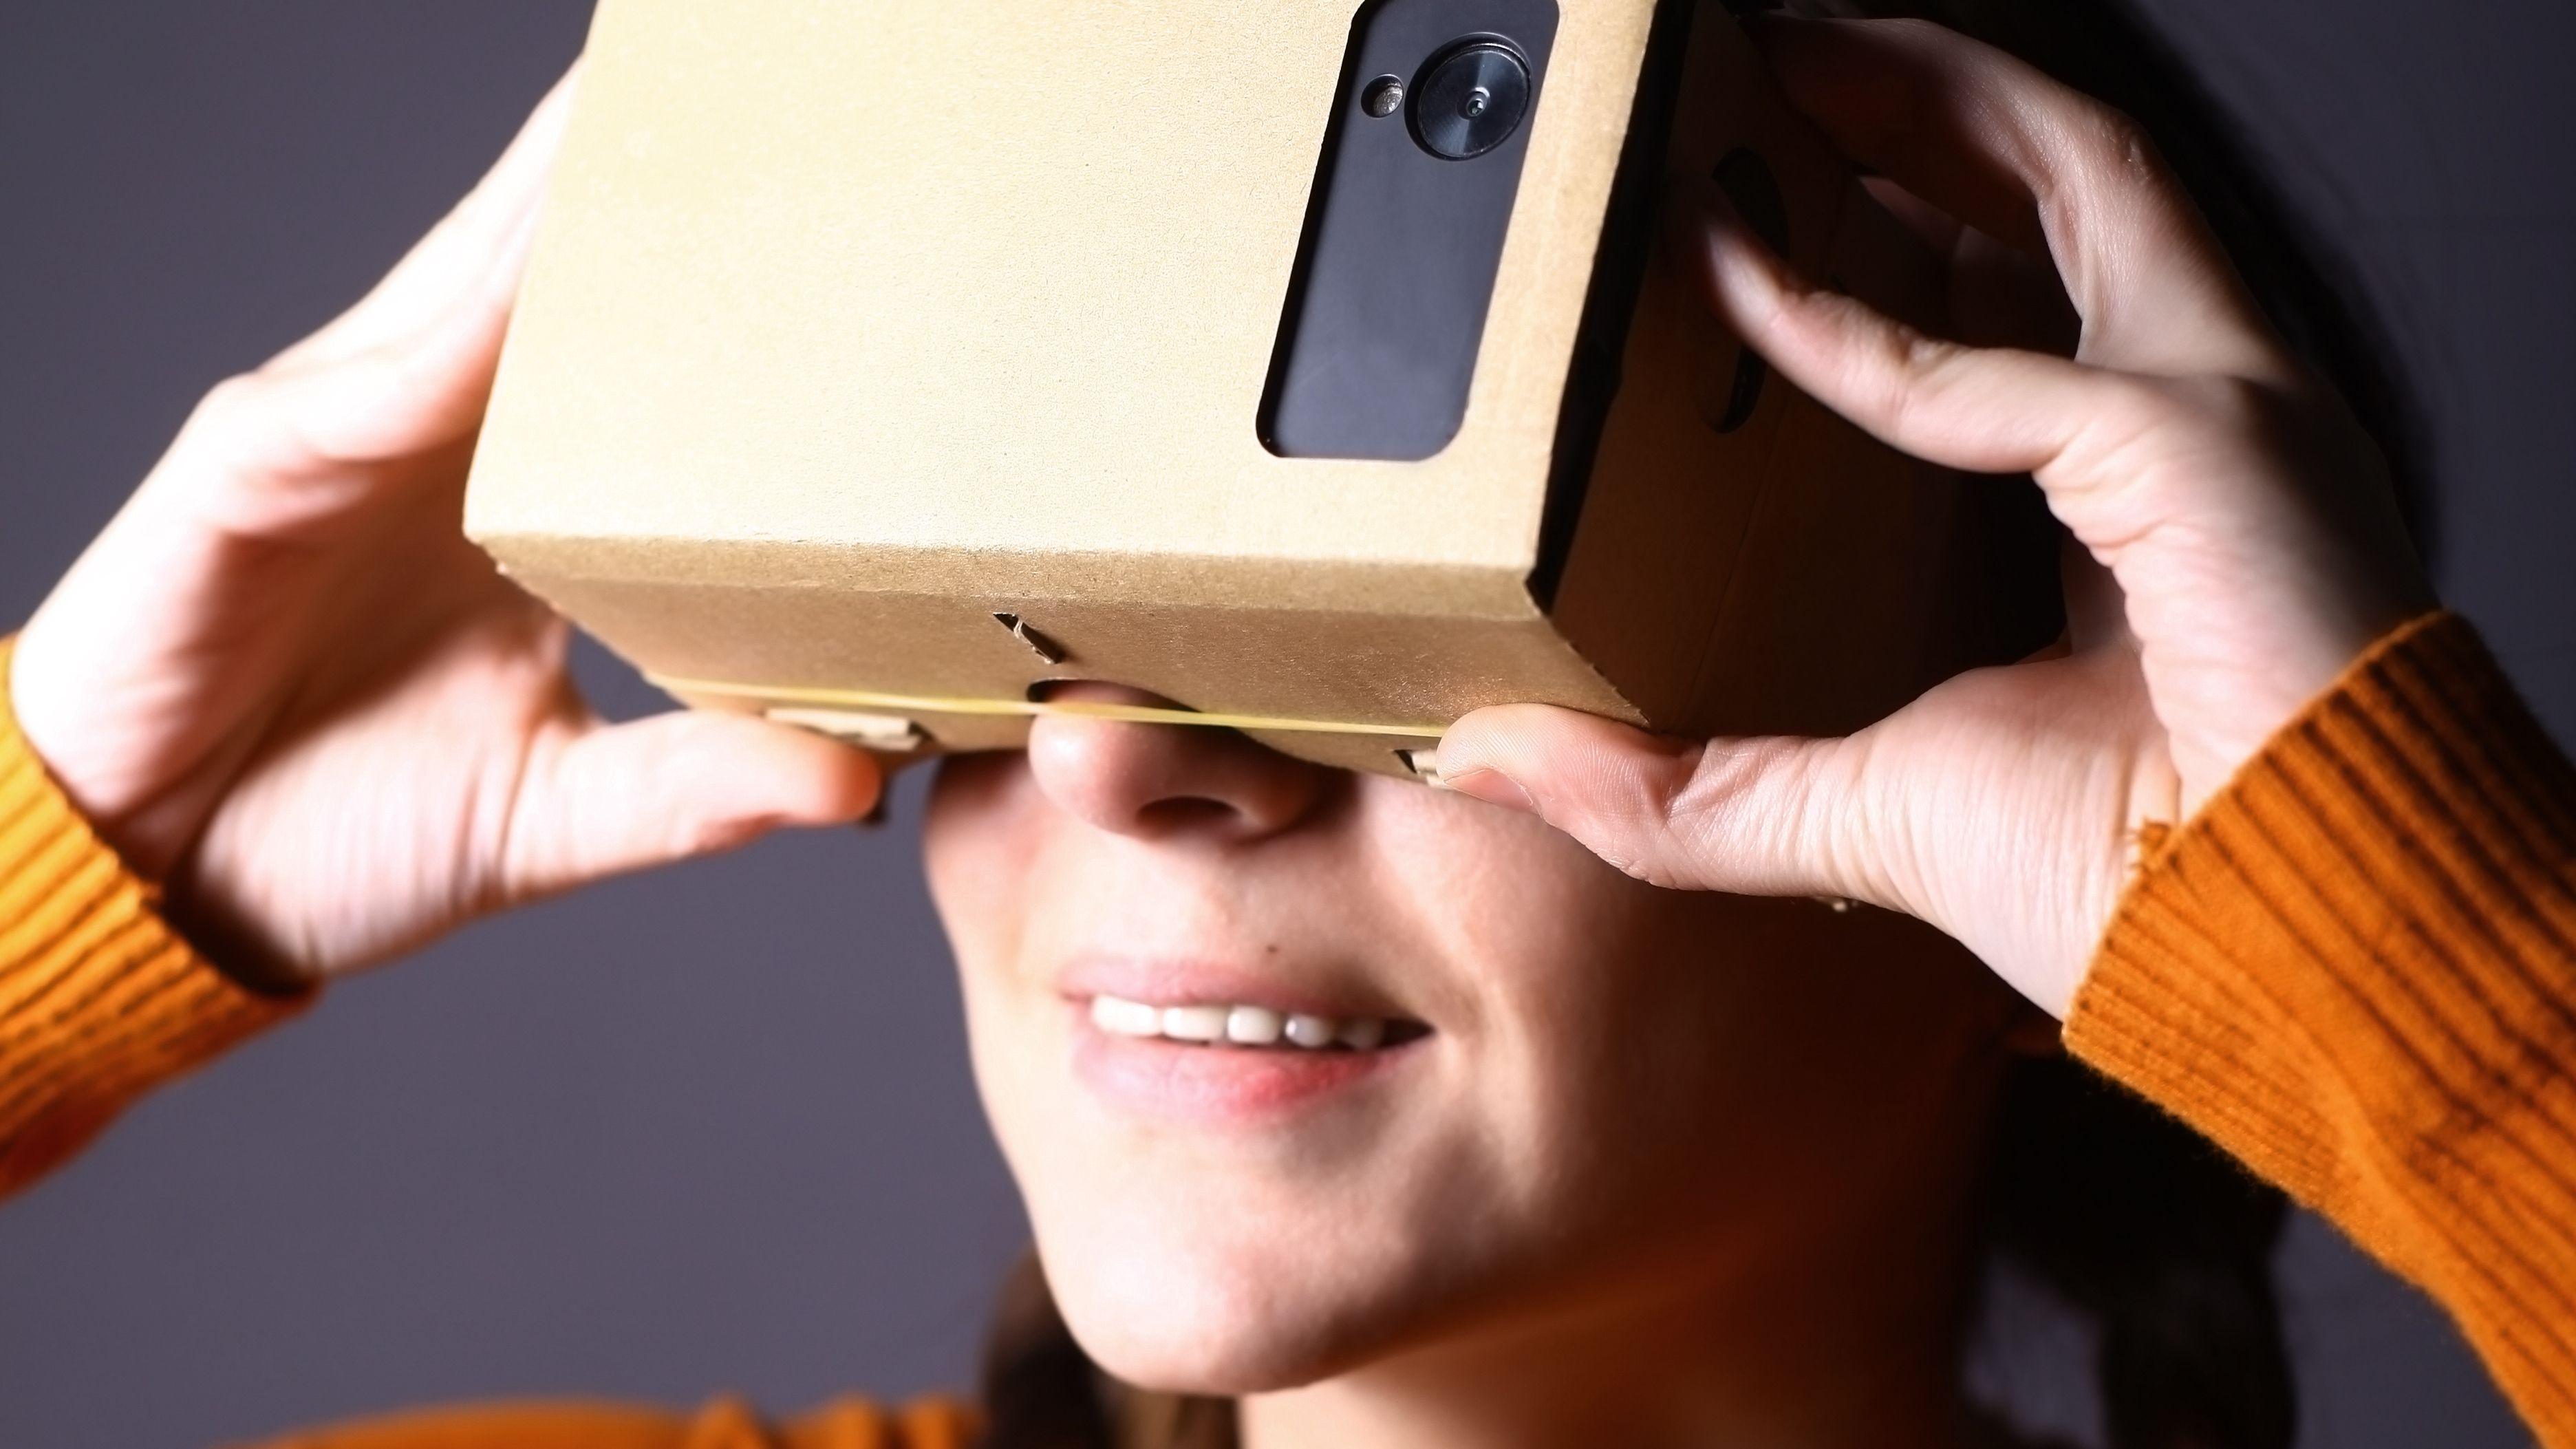 Nå kan du bruke Googles karttjeneste med VR-briller